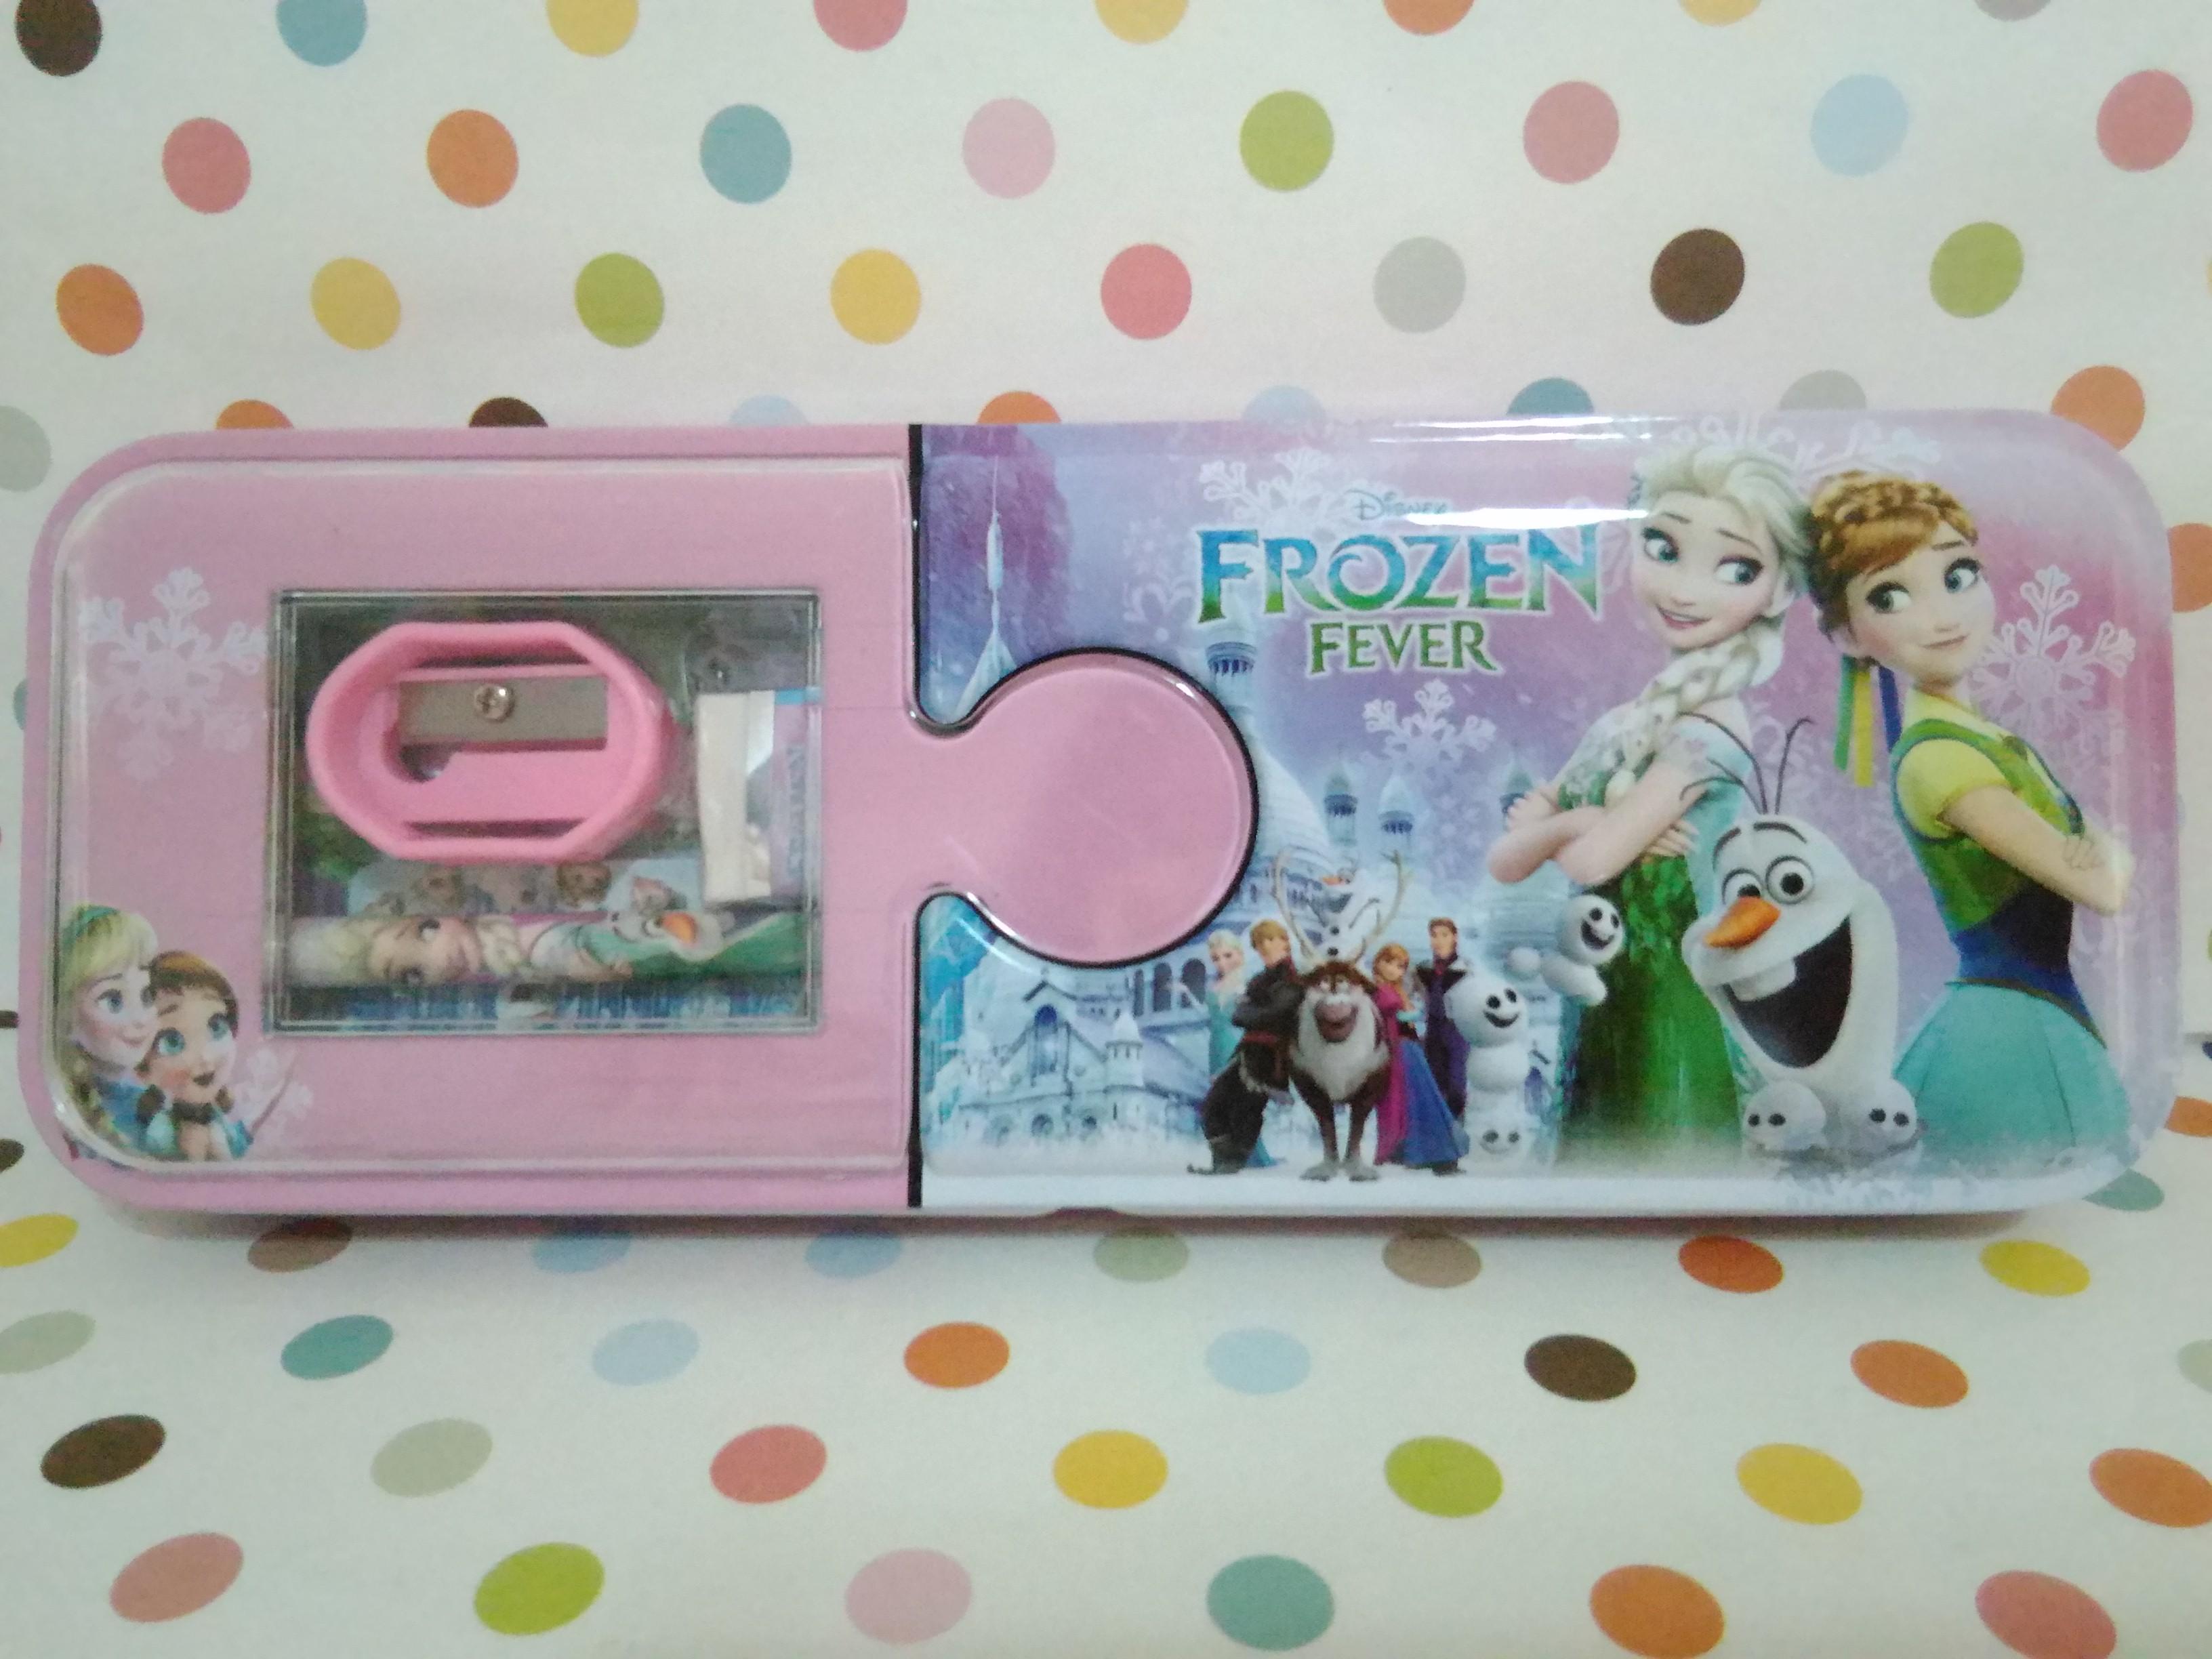 กล่องดินสอเหล็ก โฟรเซ่น Frozen ขนาด 21.5*10.5 ซม.